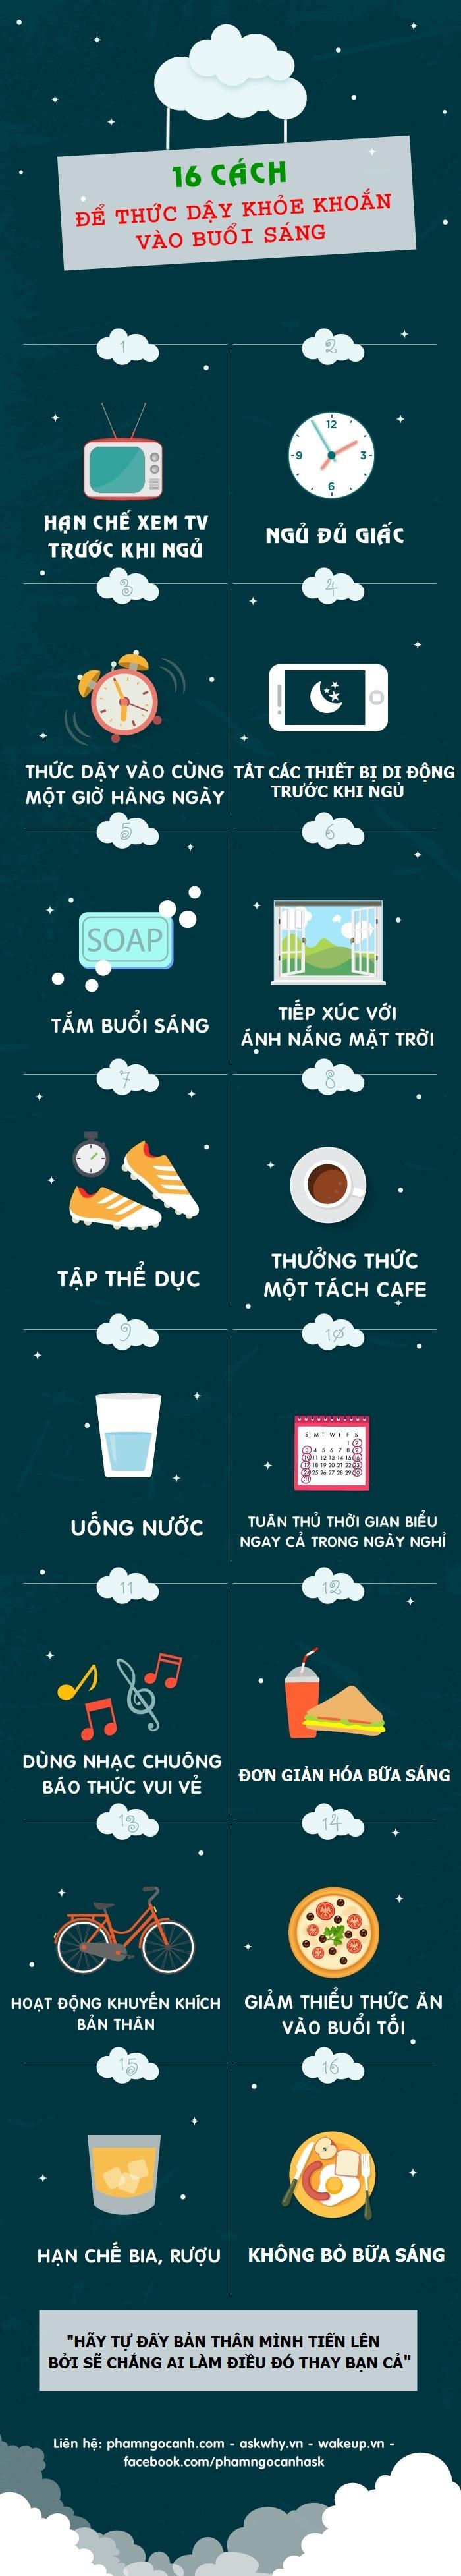 Sống hạnh phúc mỗi ngày: 16 cách để thức dậy khỏe khoắn vào buổi sáng